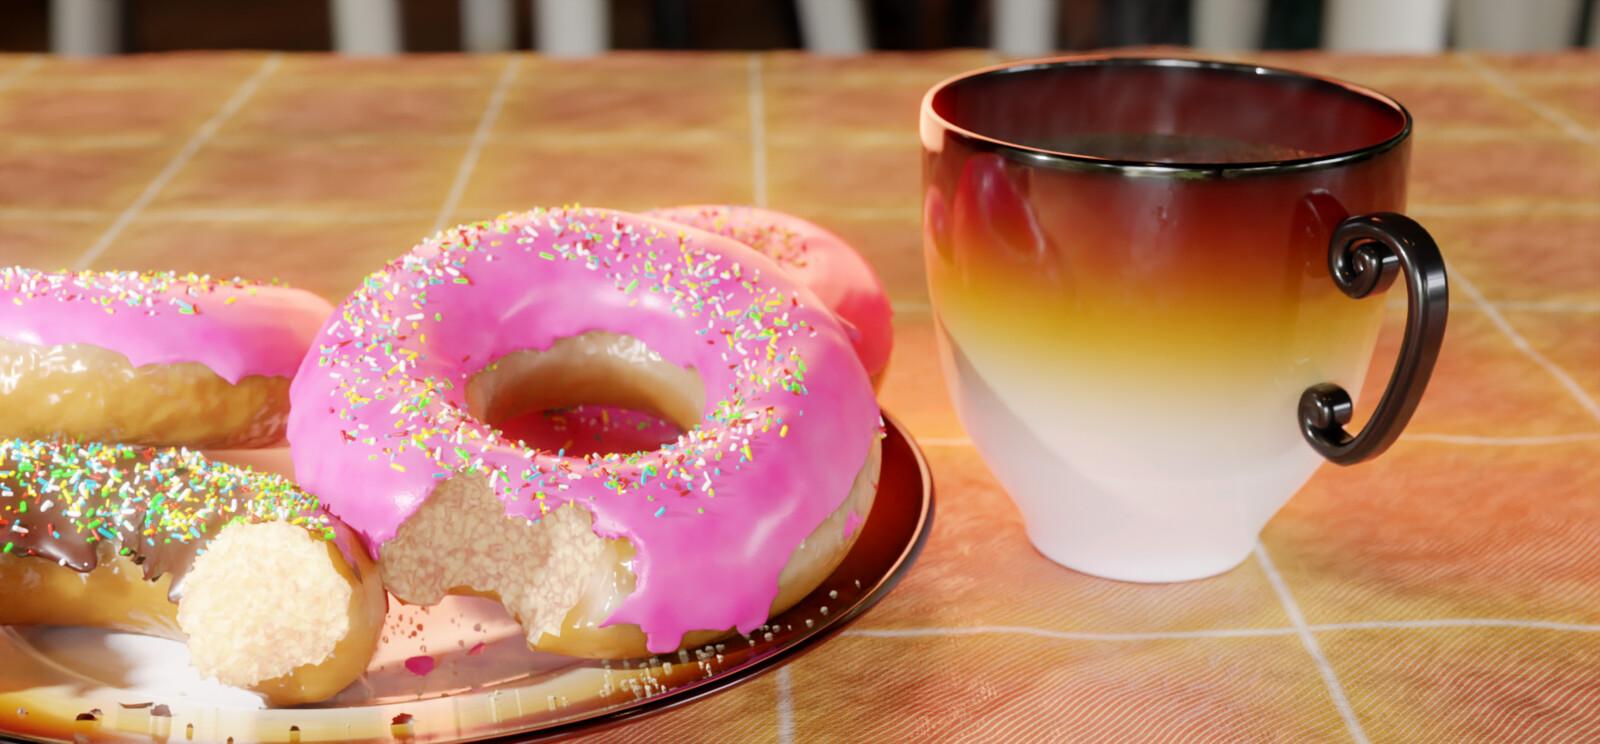 Donut 2020